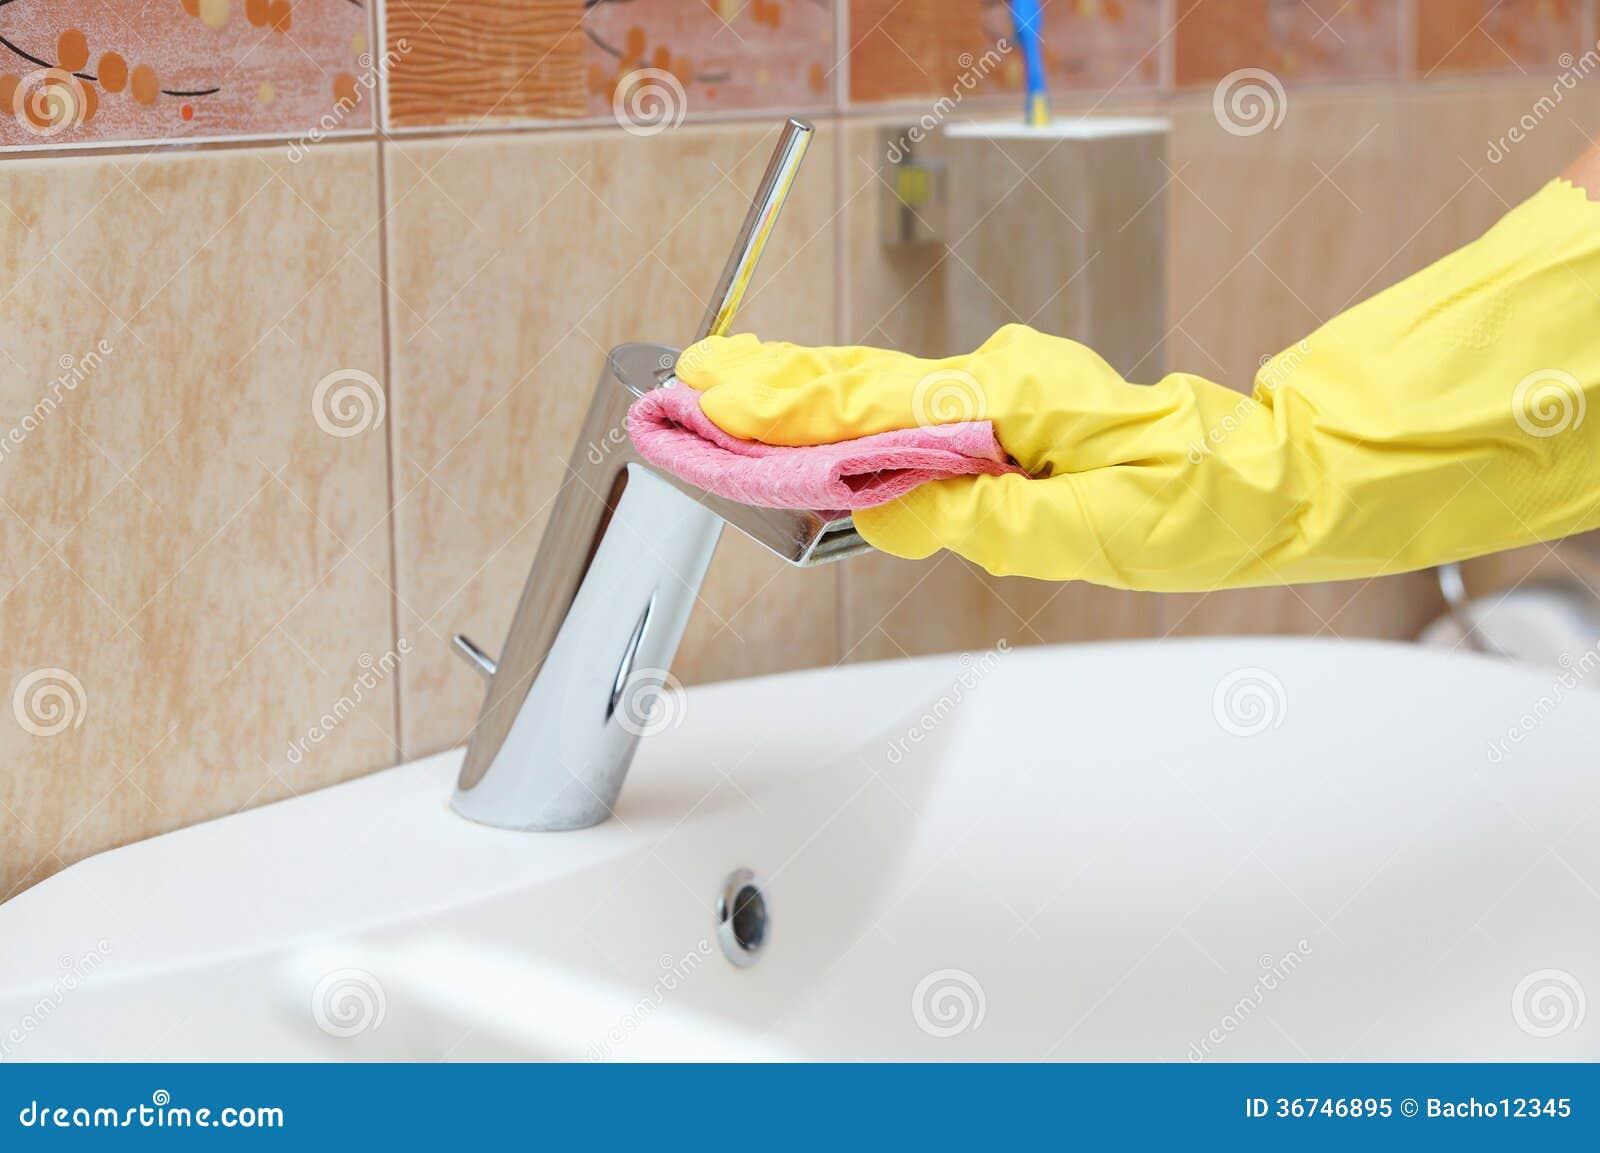 Tuyau de nettoyage dans la salle de bains